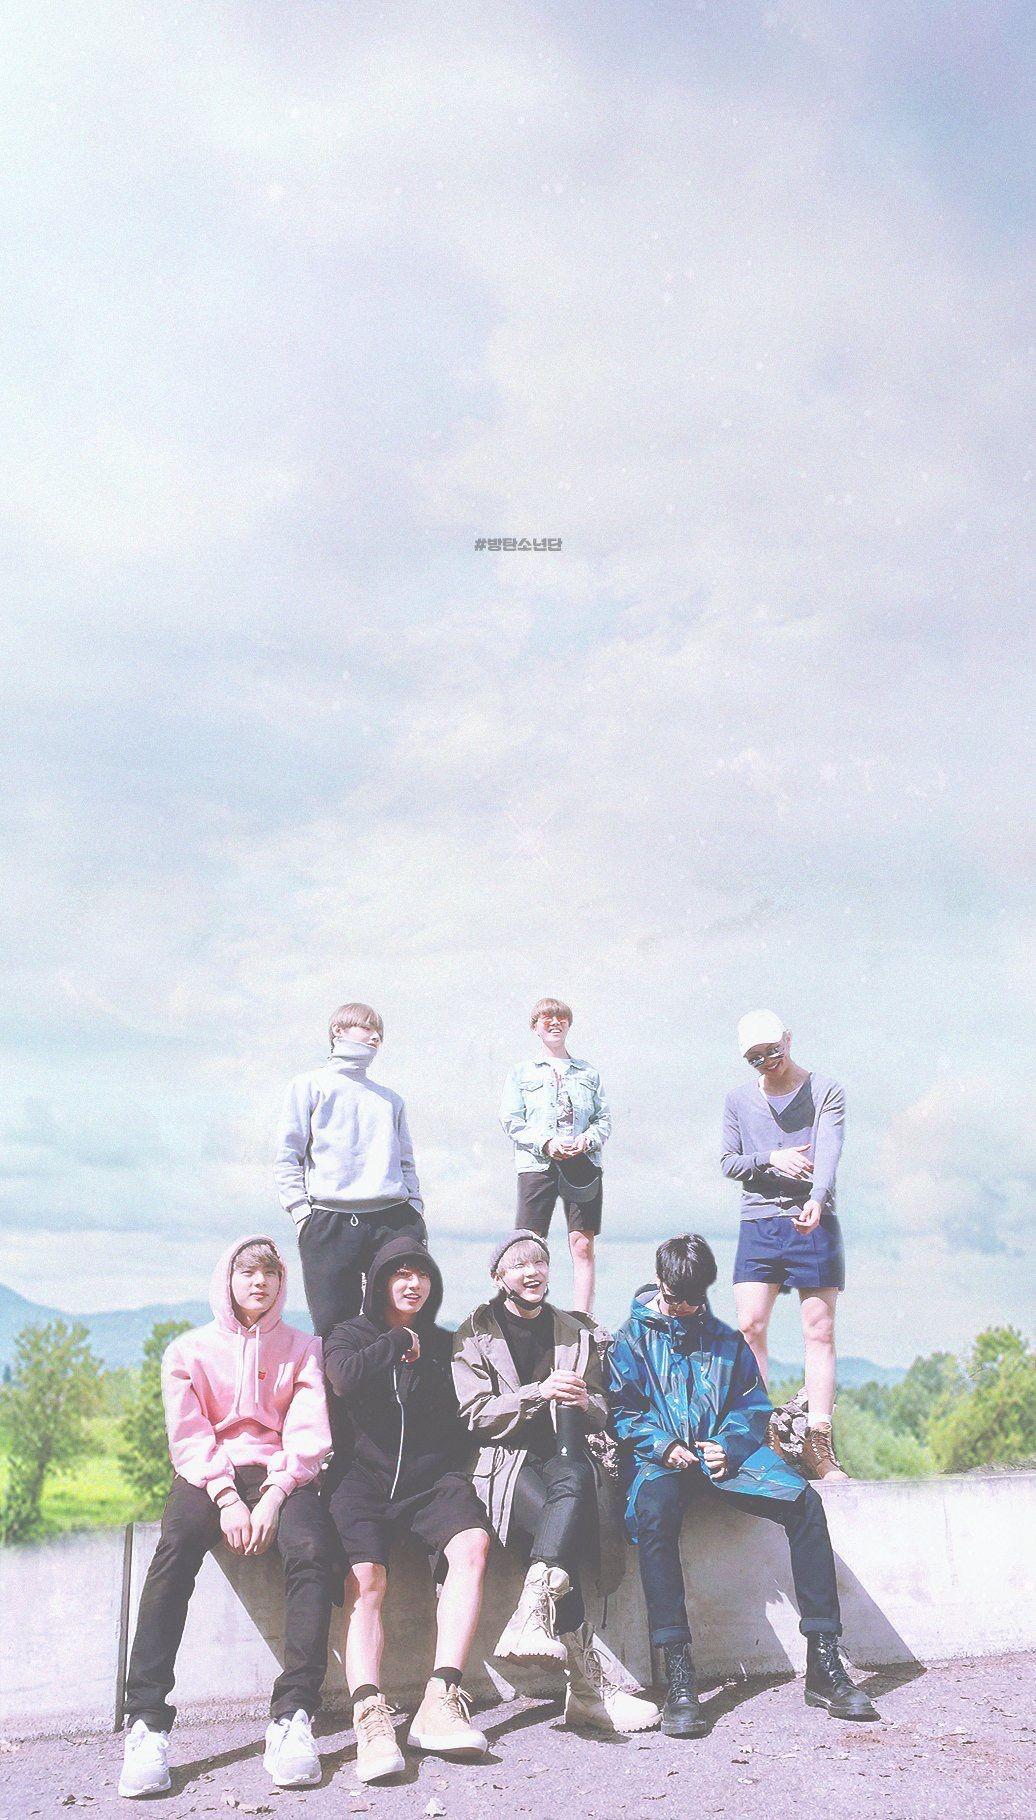 BTS 방탄소년단 Wallpaper Imagens bts, Bts, Vkook